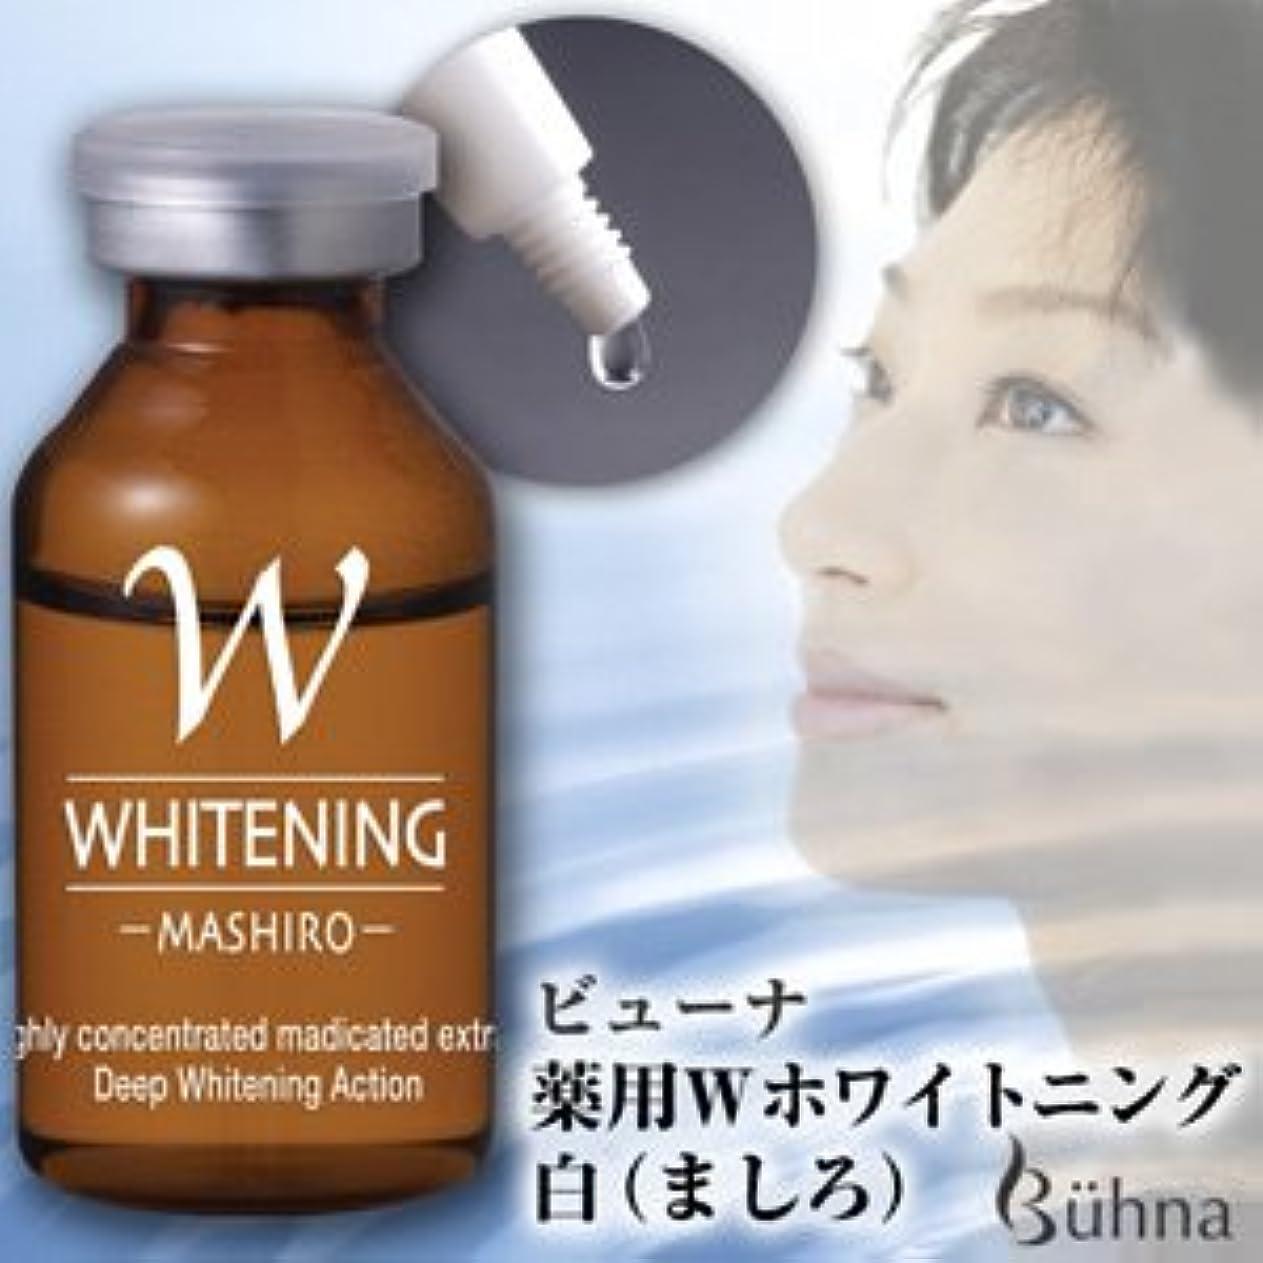 バクテリアマージンステレオタイプ超高濃度!W原液がシミを断つ、翌朝の肌で感じる美肌力『薬用ダブルホワイトニング白(ましろ)』